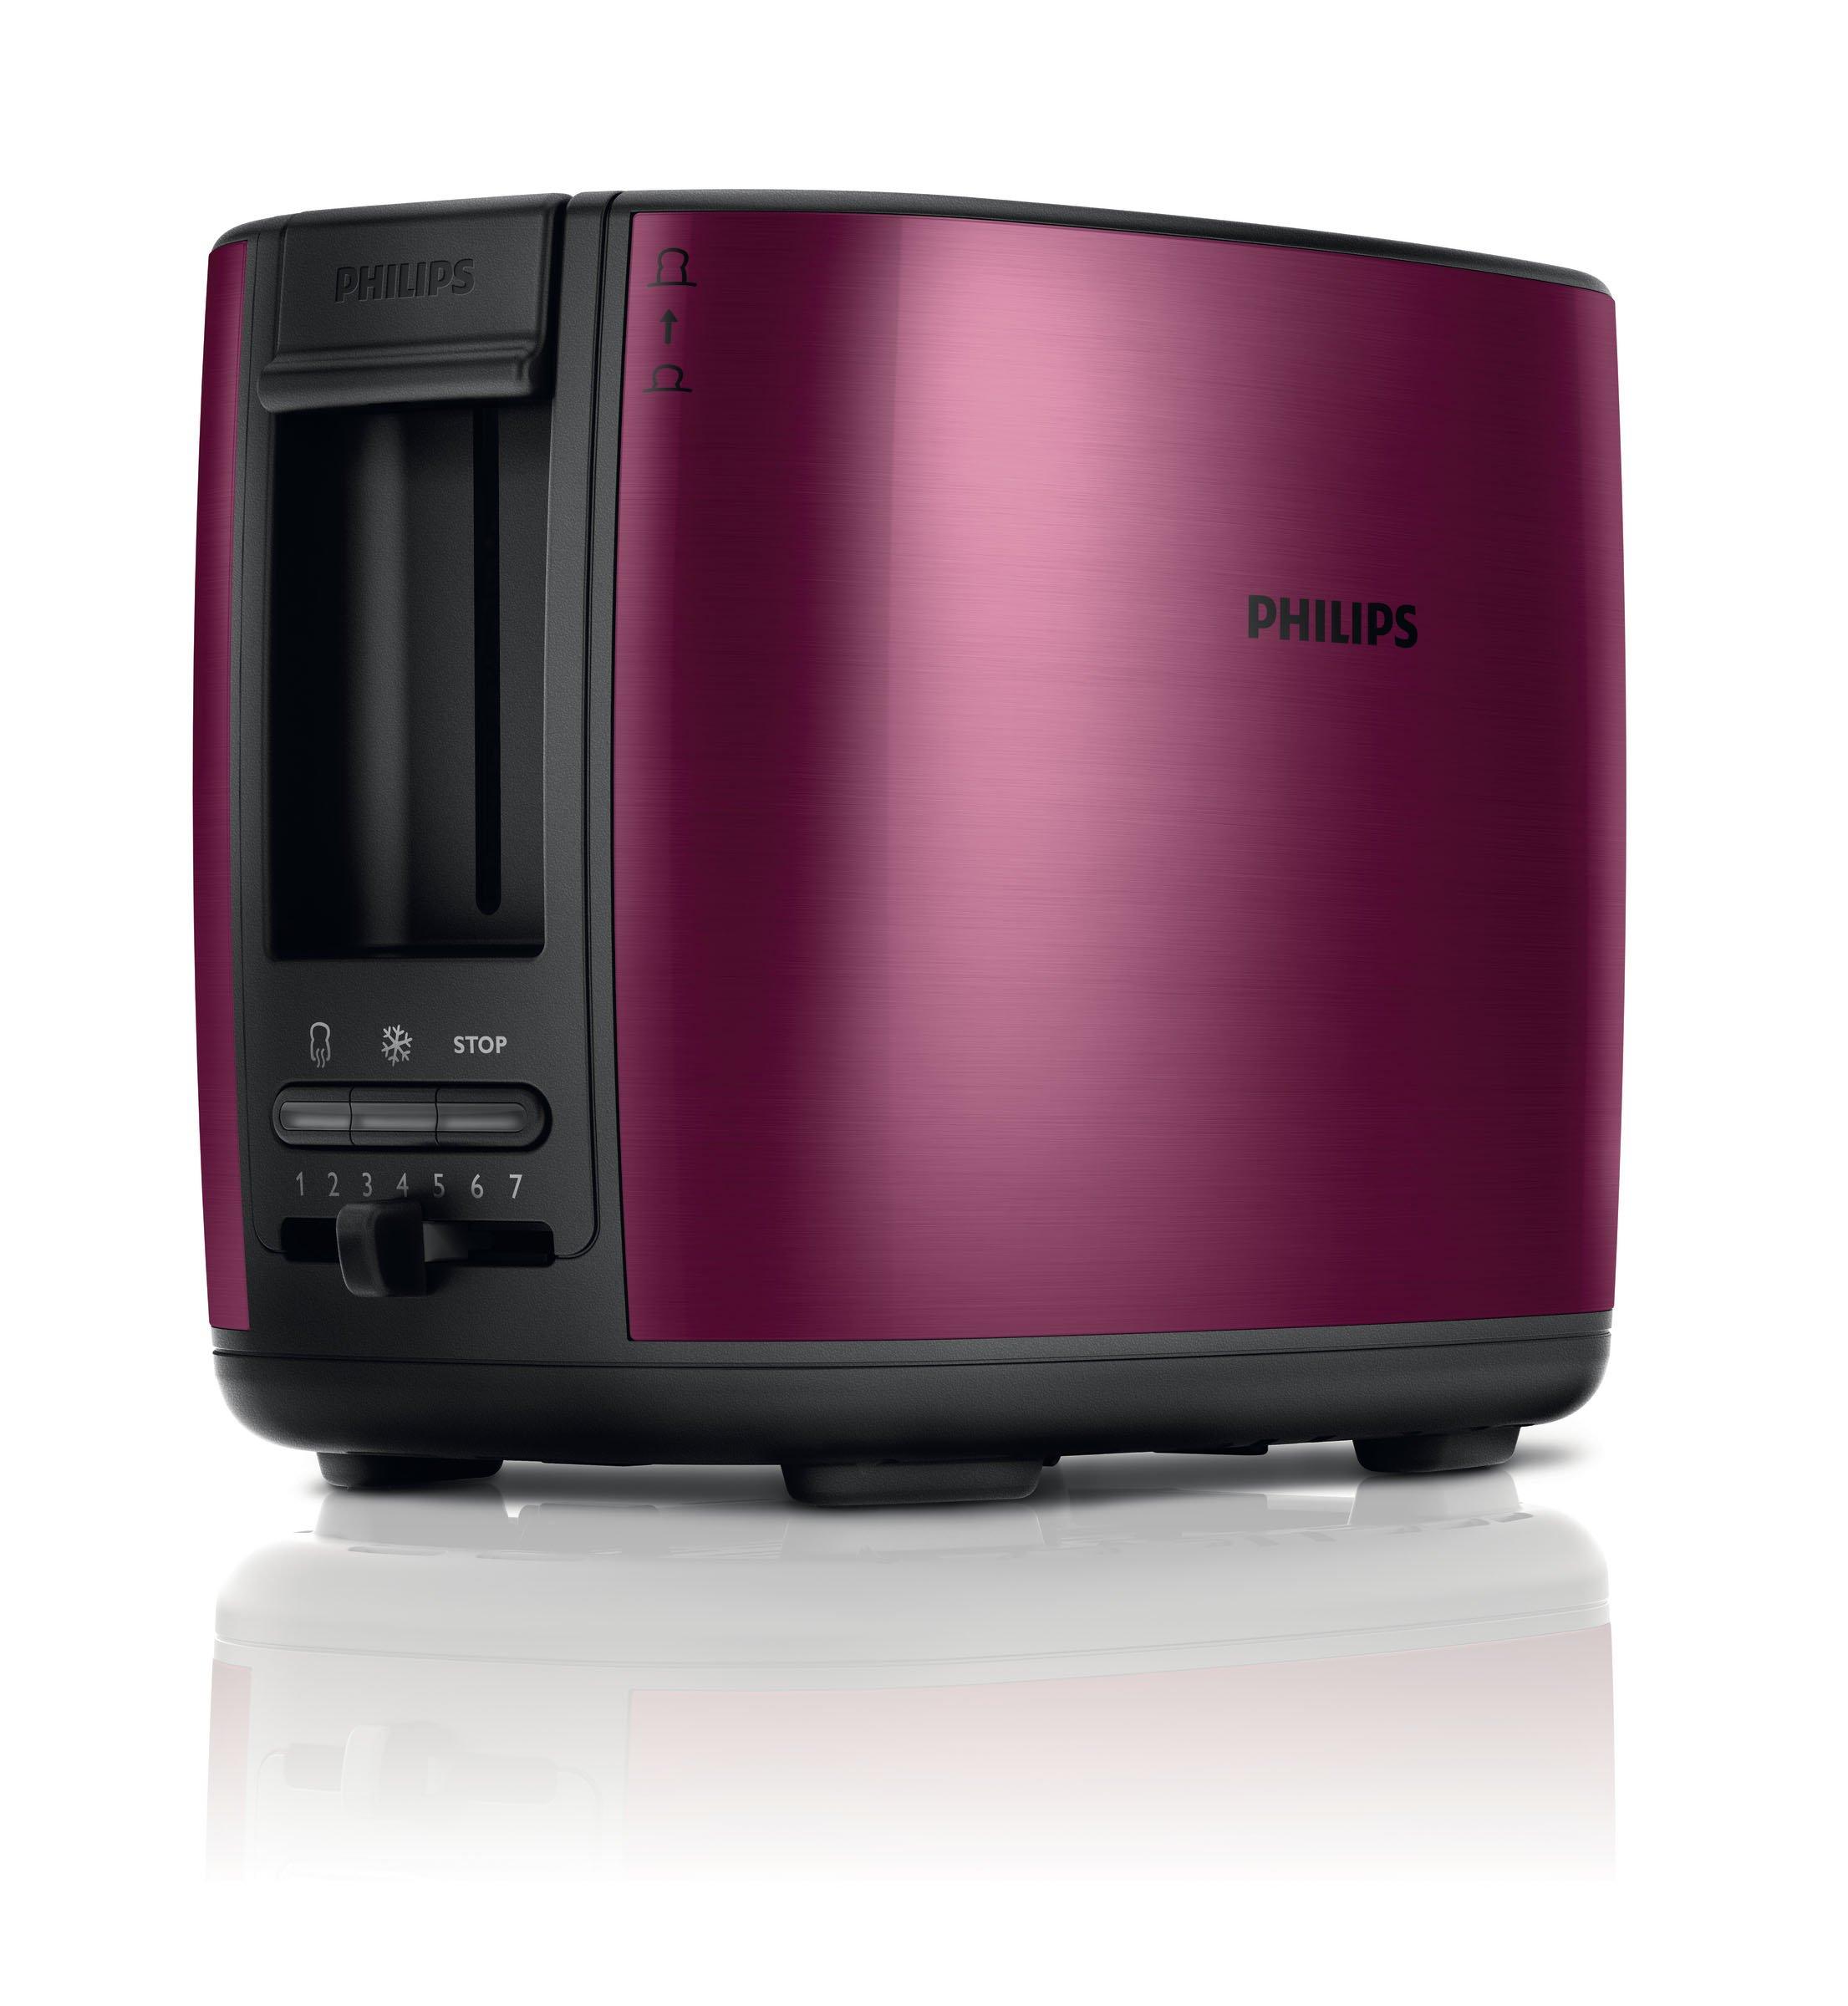 Philips-HD262809-Zwei-Schlitz-Toaster-Auftau-und-Aufwrmfunktion-inklusiv-Brtchenaufsatz-950-W-burgunderrot